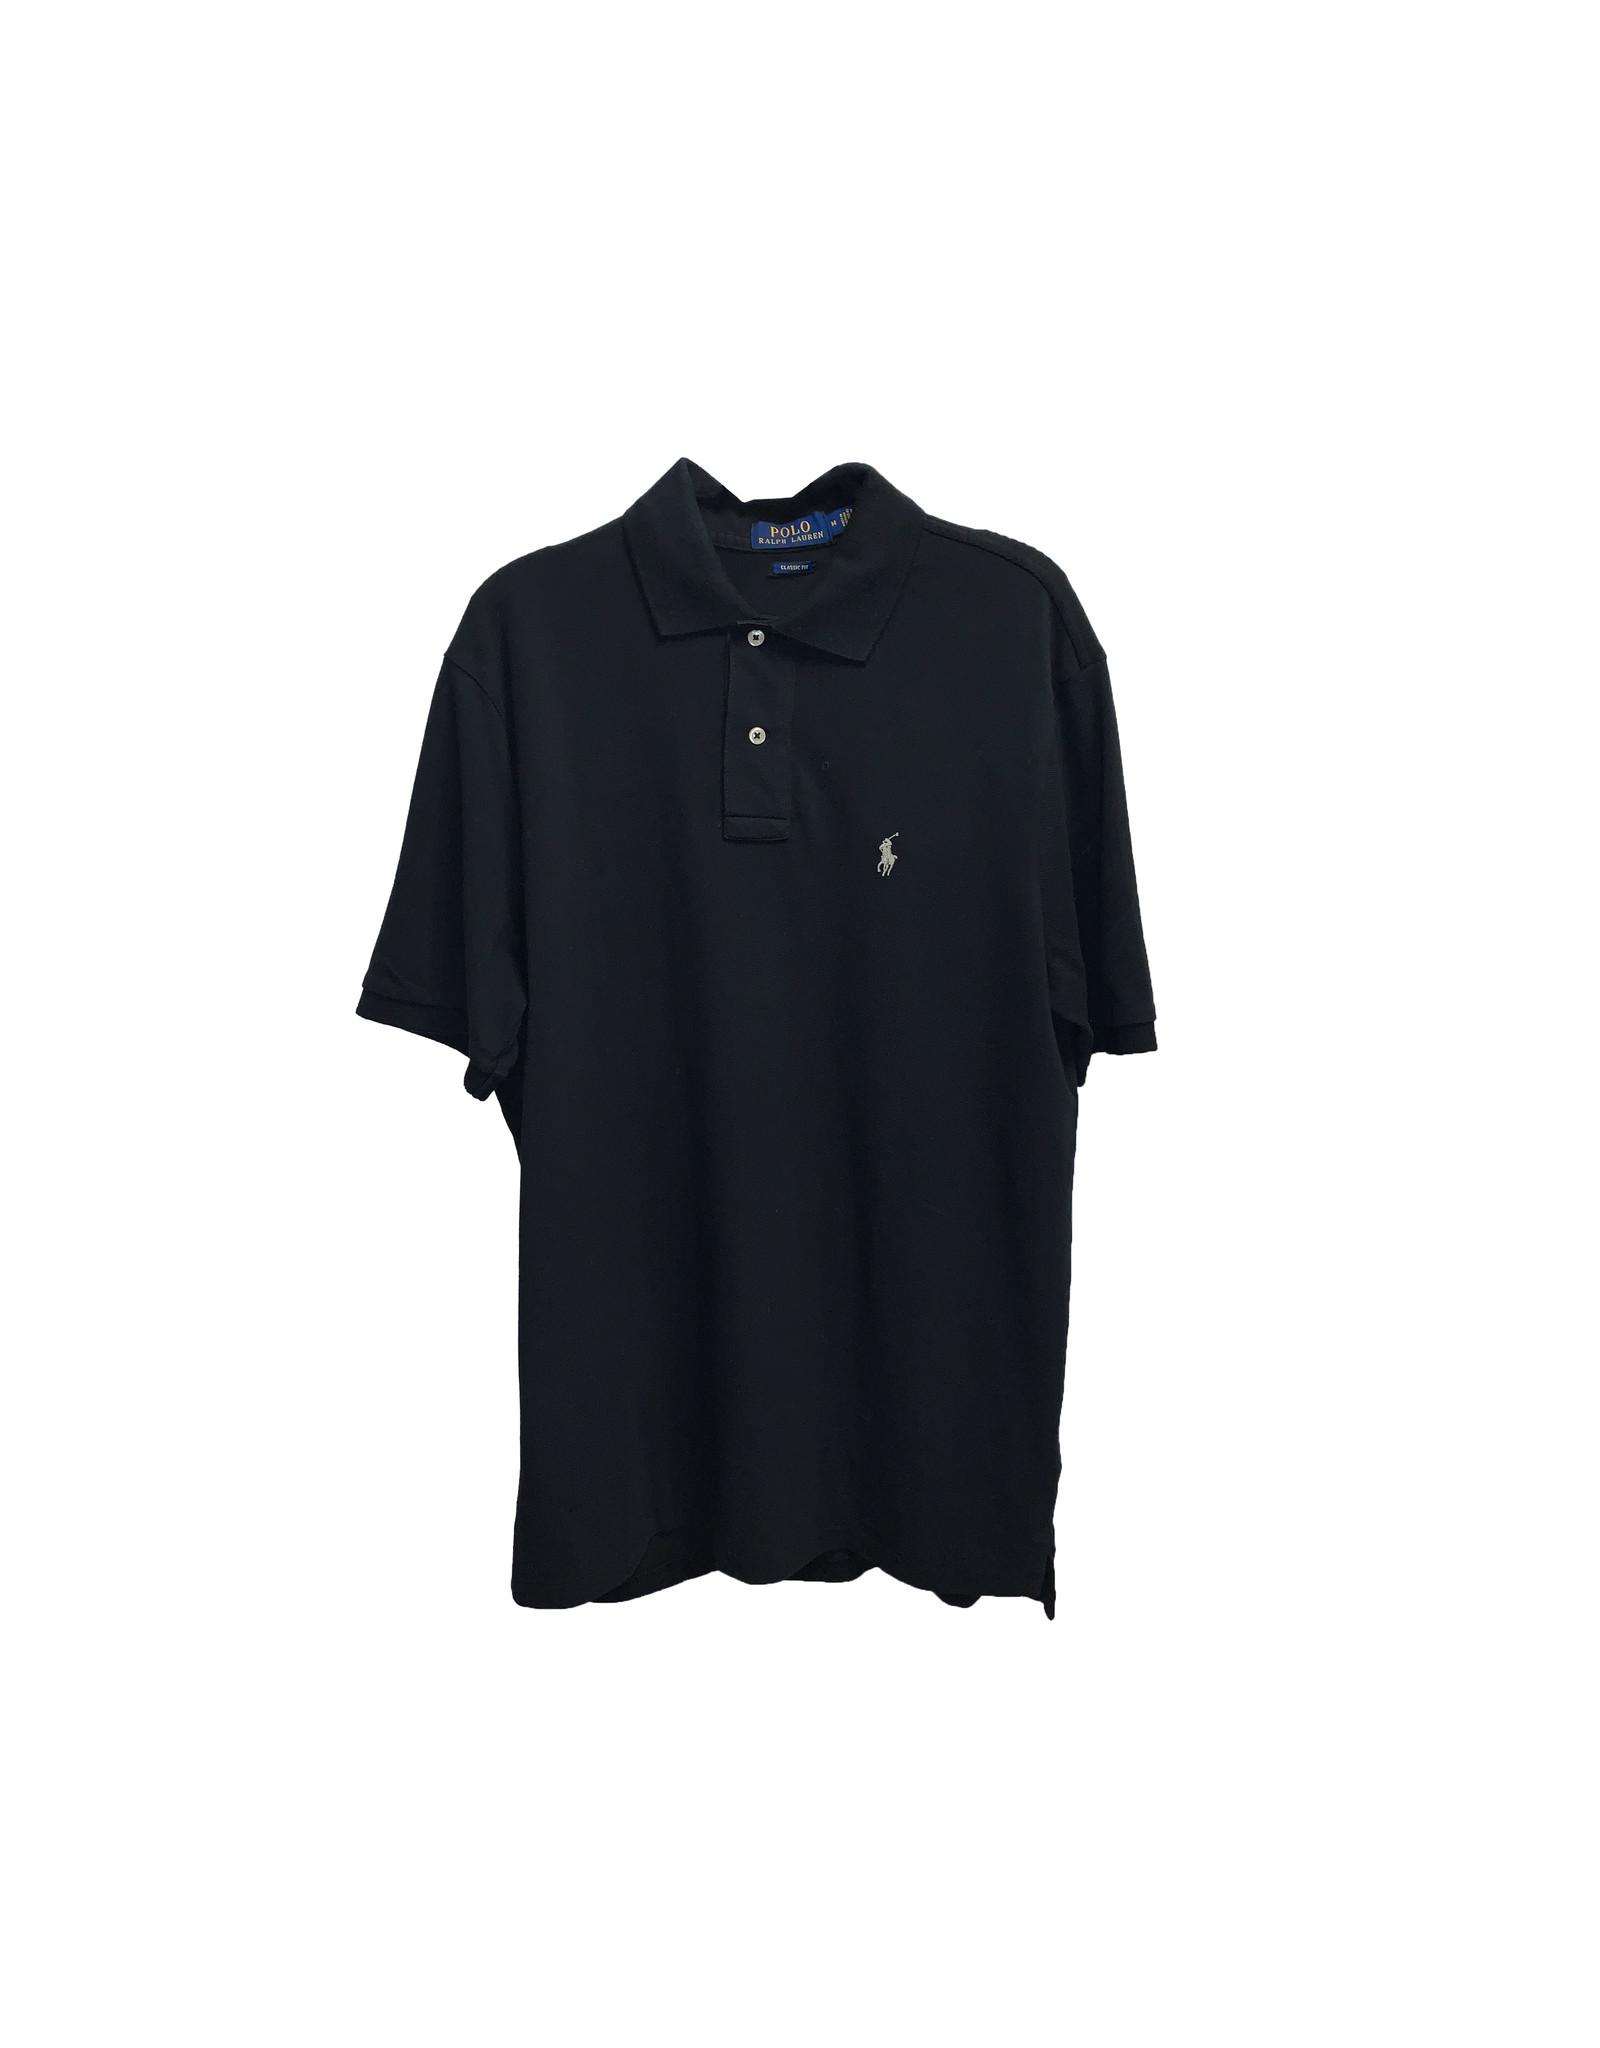 POLO RALPH LAUREN Polo Ralph  Lauren  Men's  T-shirt